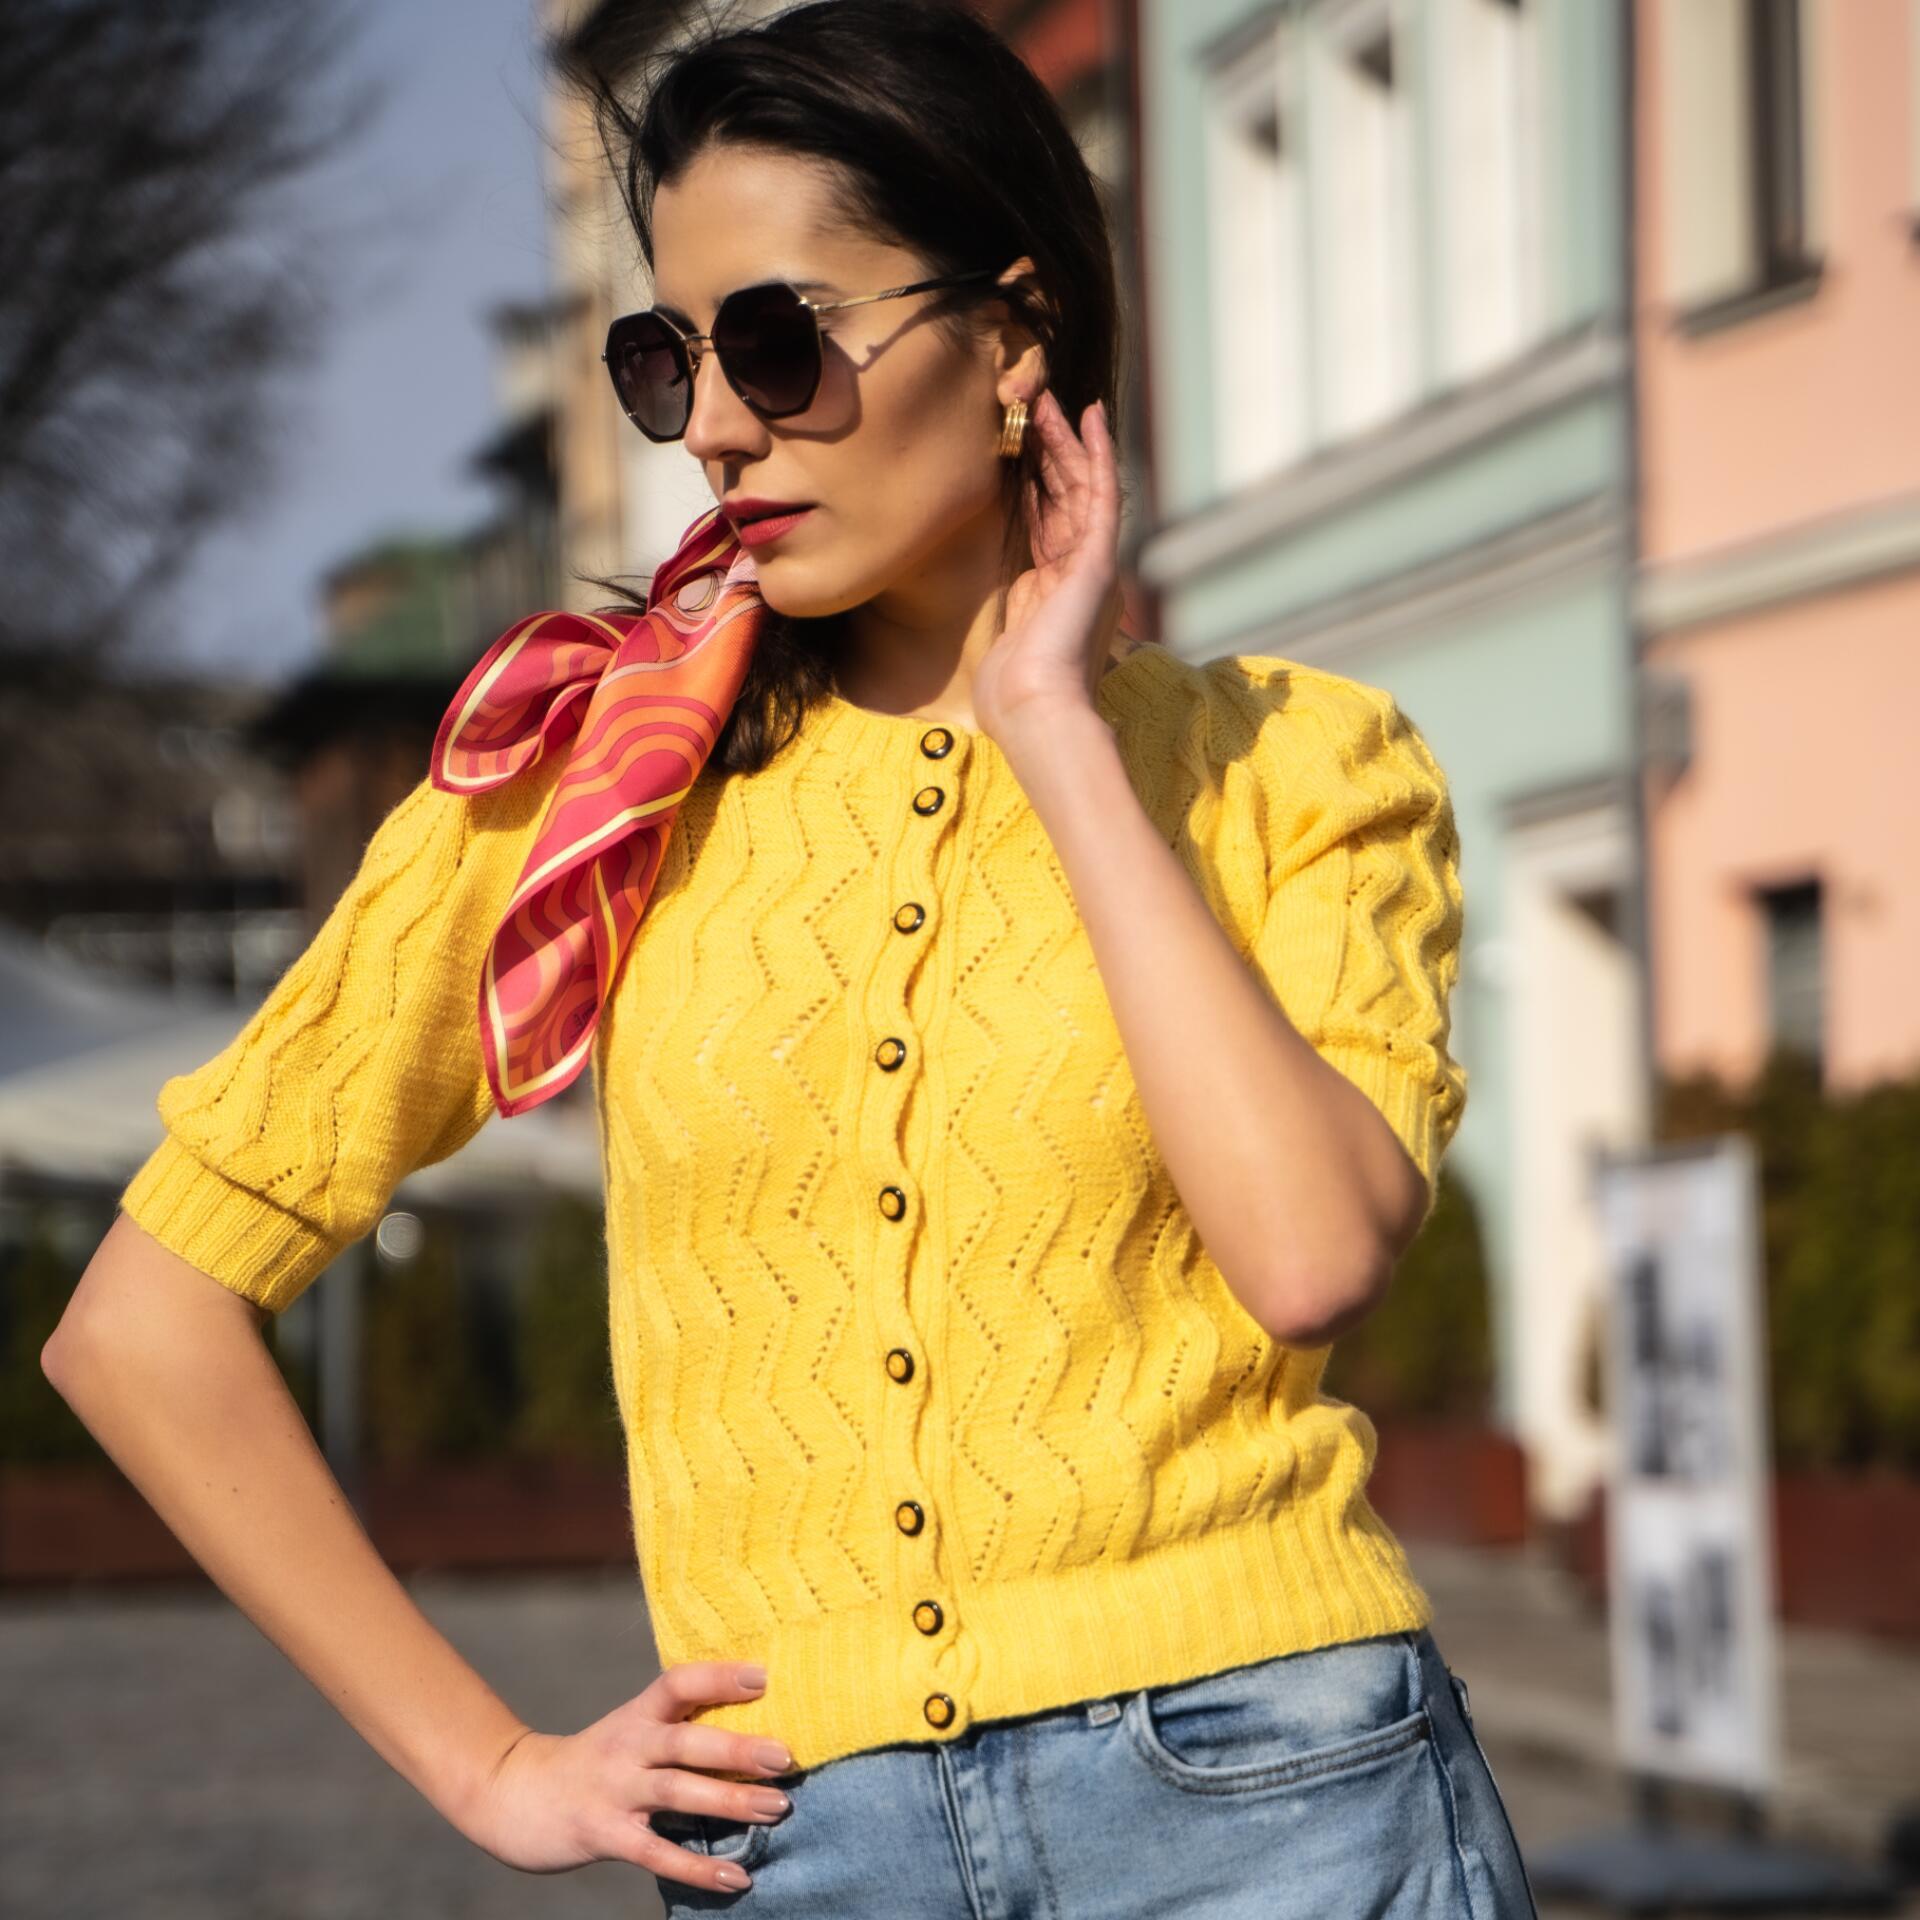 Sweterek kaszmirowo-bawełniany SINTRA - SYLVIA DARA SYLWIA DYDA | JestemSlow.pl